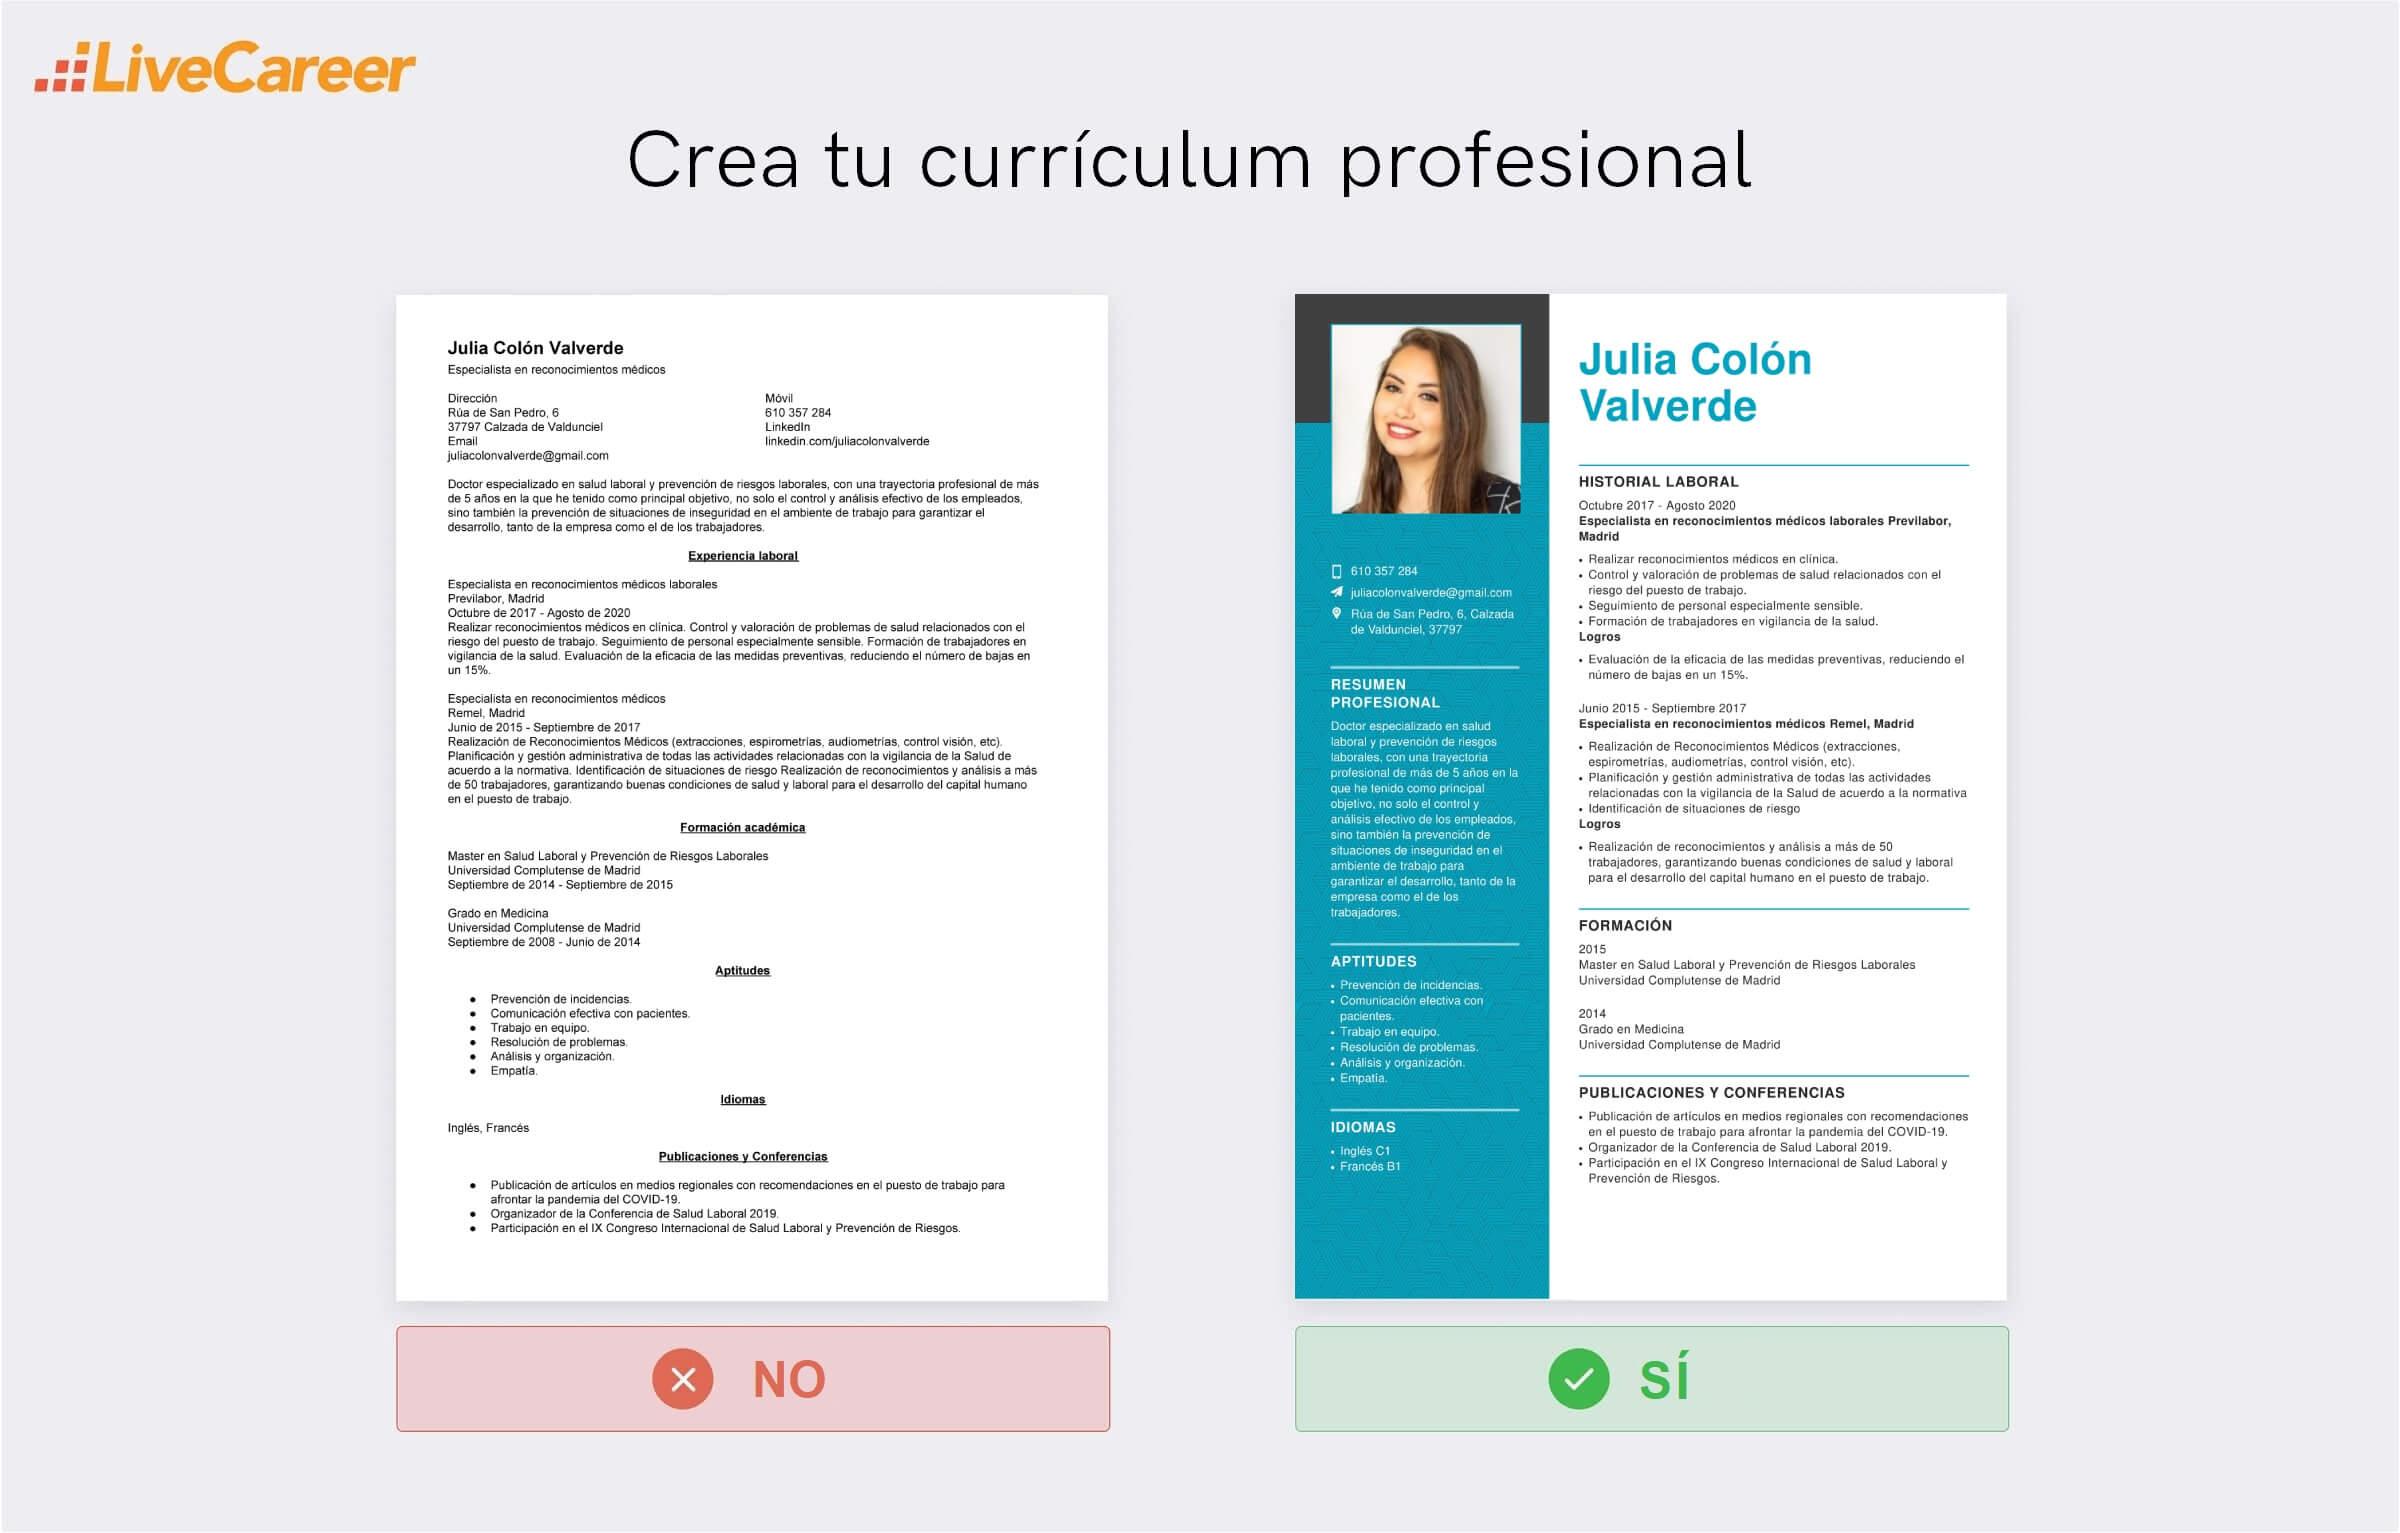 Currículum vitae de Médico